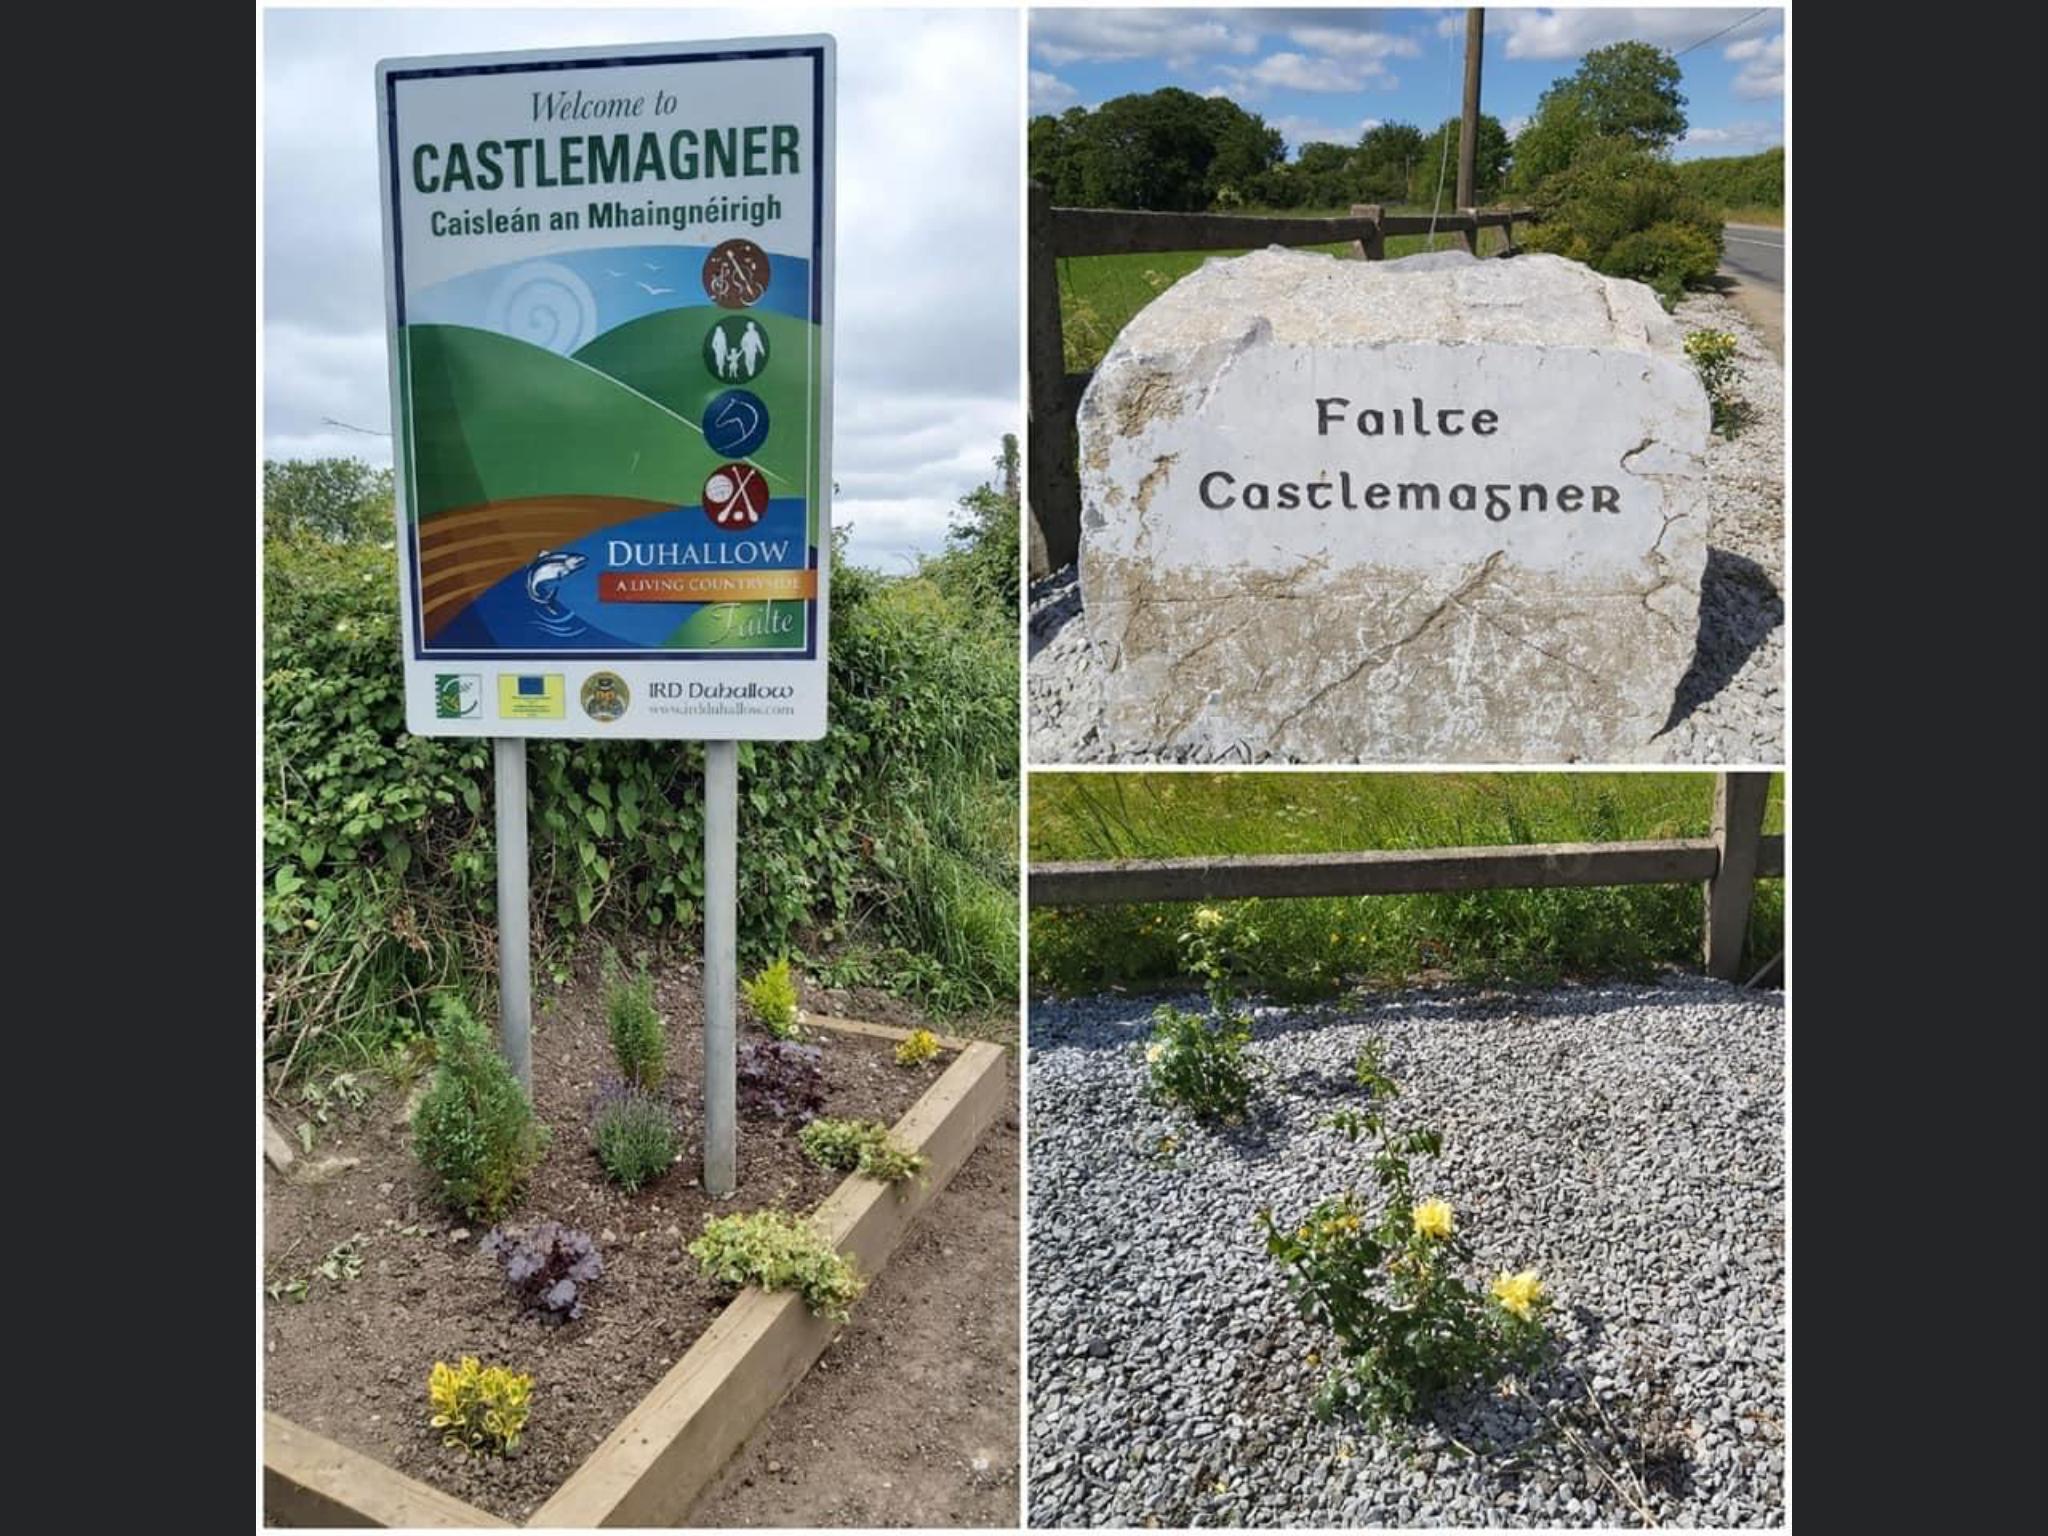 Castlemagner